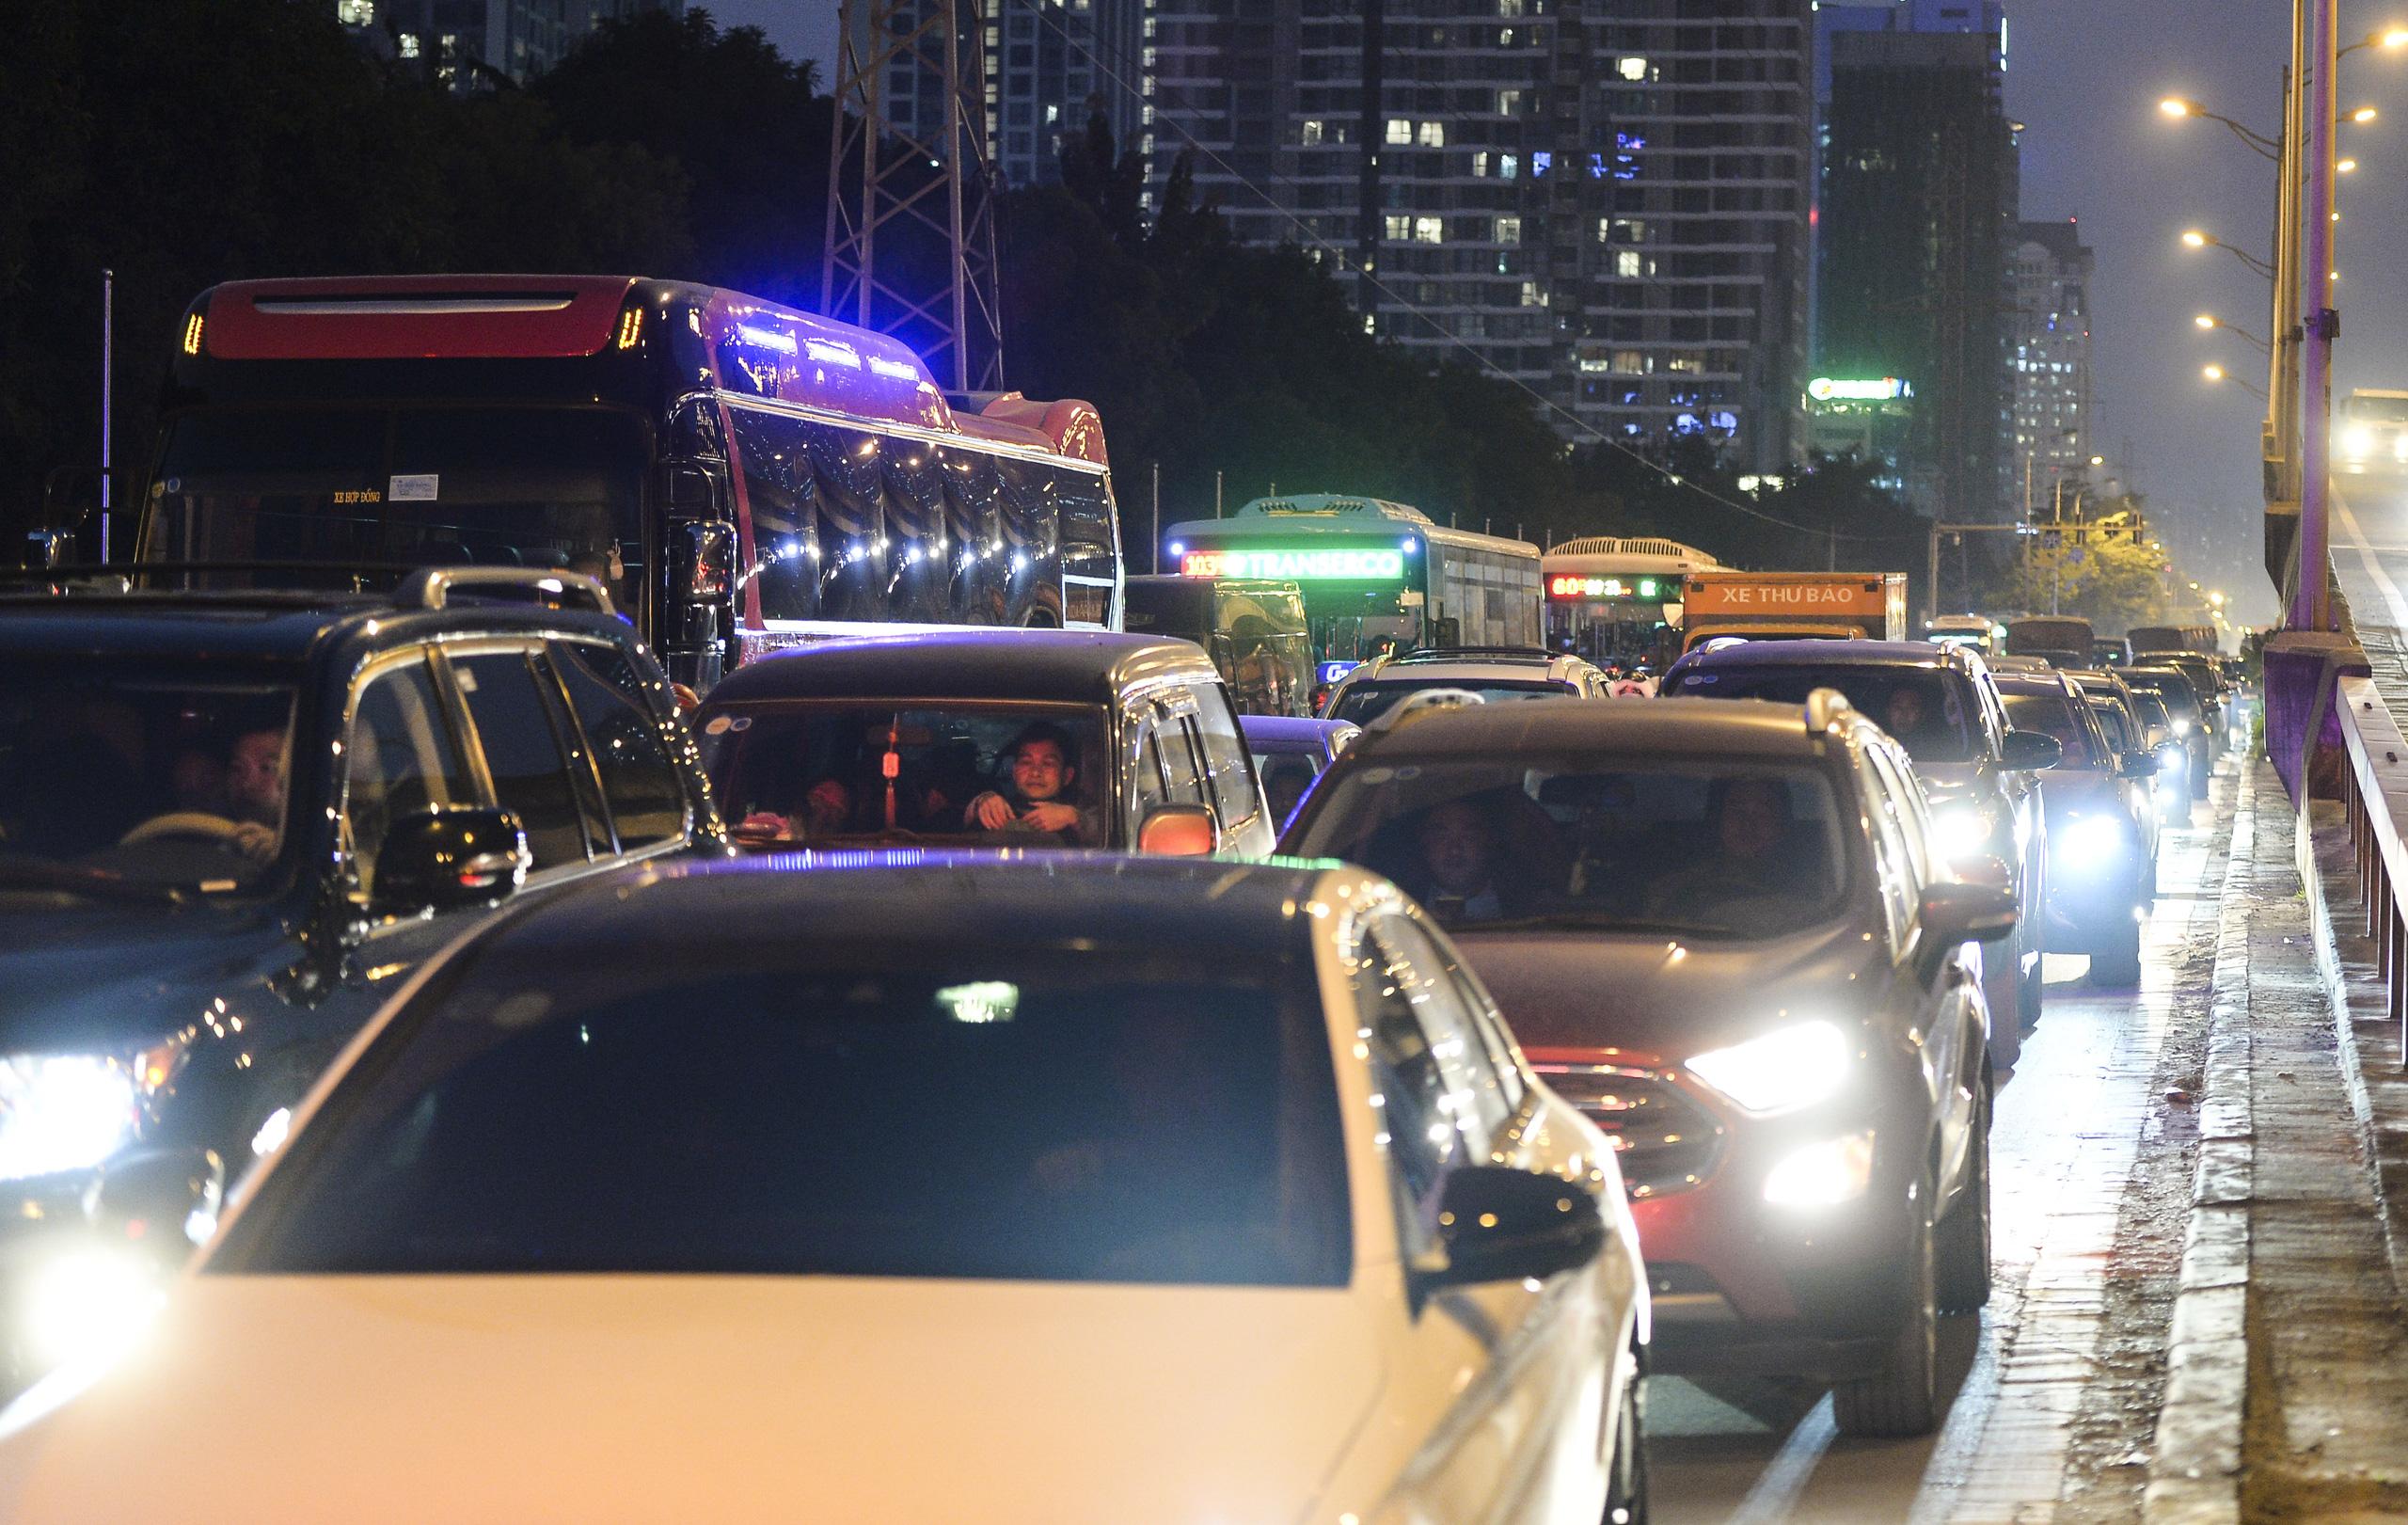 Chùm ảnh đường phố Hà Nội đông kín người từ chiều đến tối ngày cuối năm 2020 - Ảnh 6.